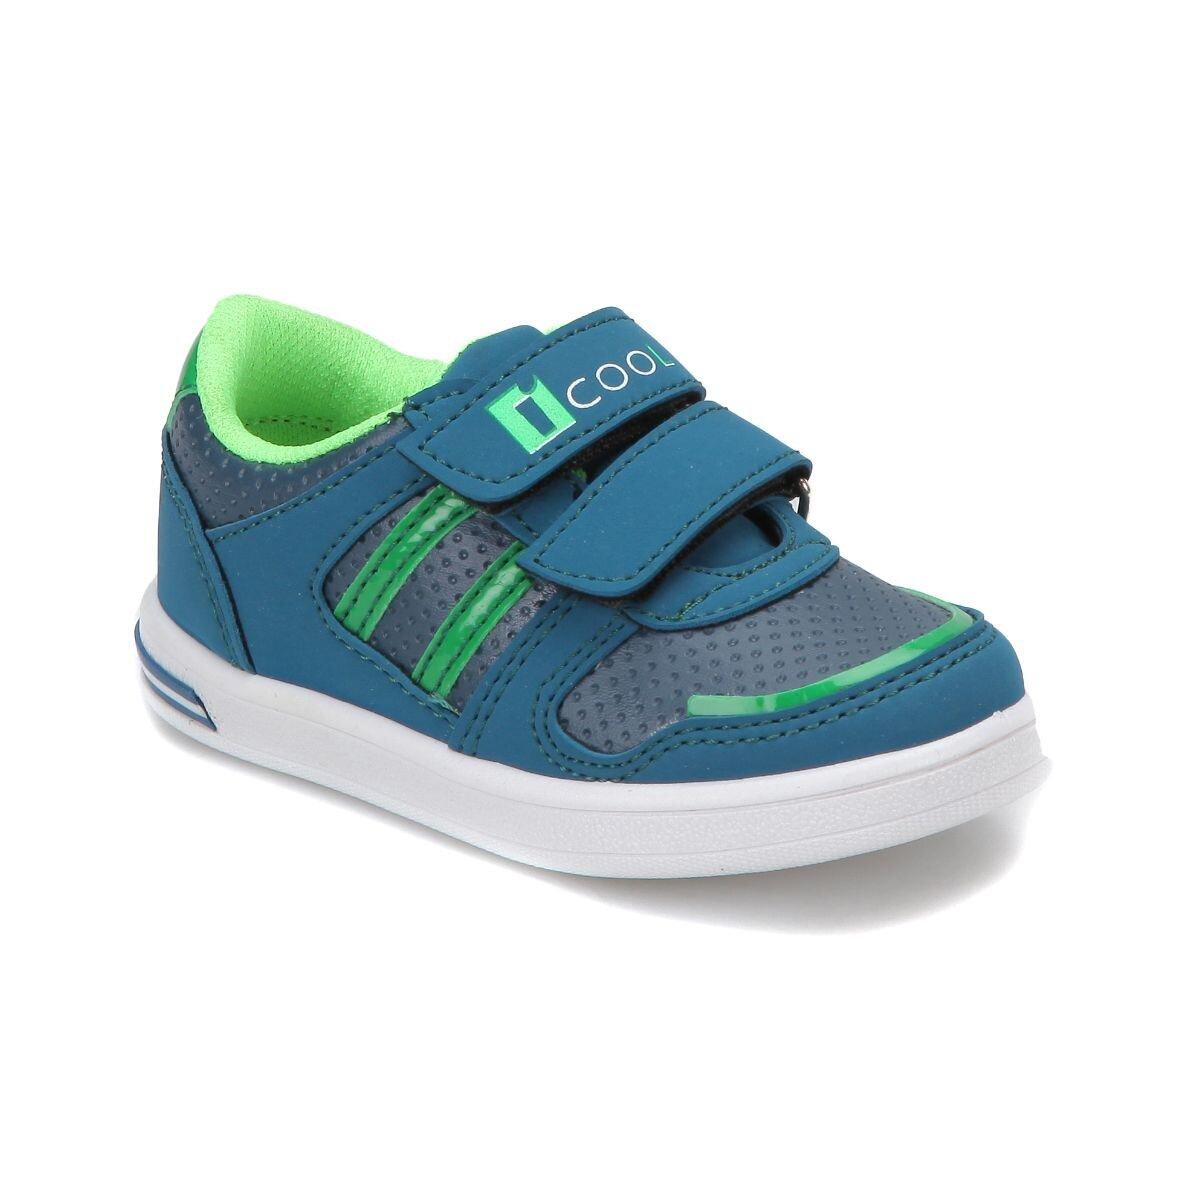 PETROL Erkek Çocuk Sneaker Ayakkabı LENS